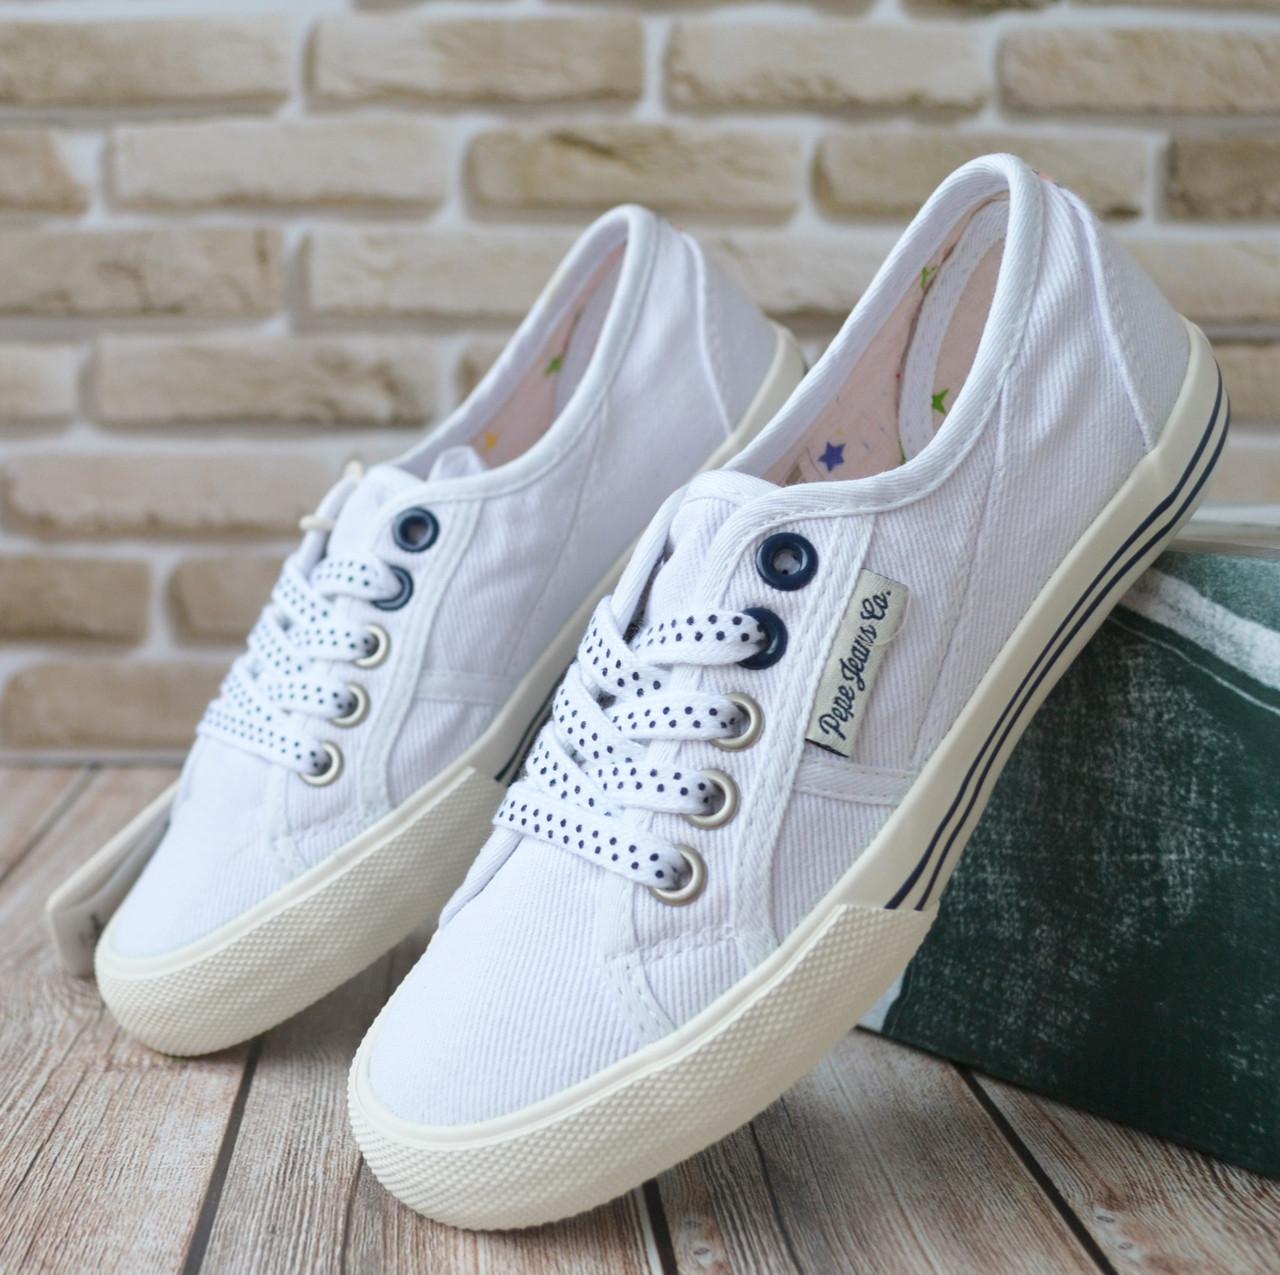 2033a740f Легкие текстильные кеды для девочки от бренда Pepe Jeans, р32.Фирменные  кеды. брендовая обувь